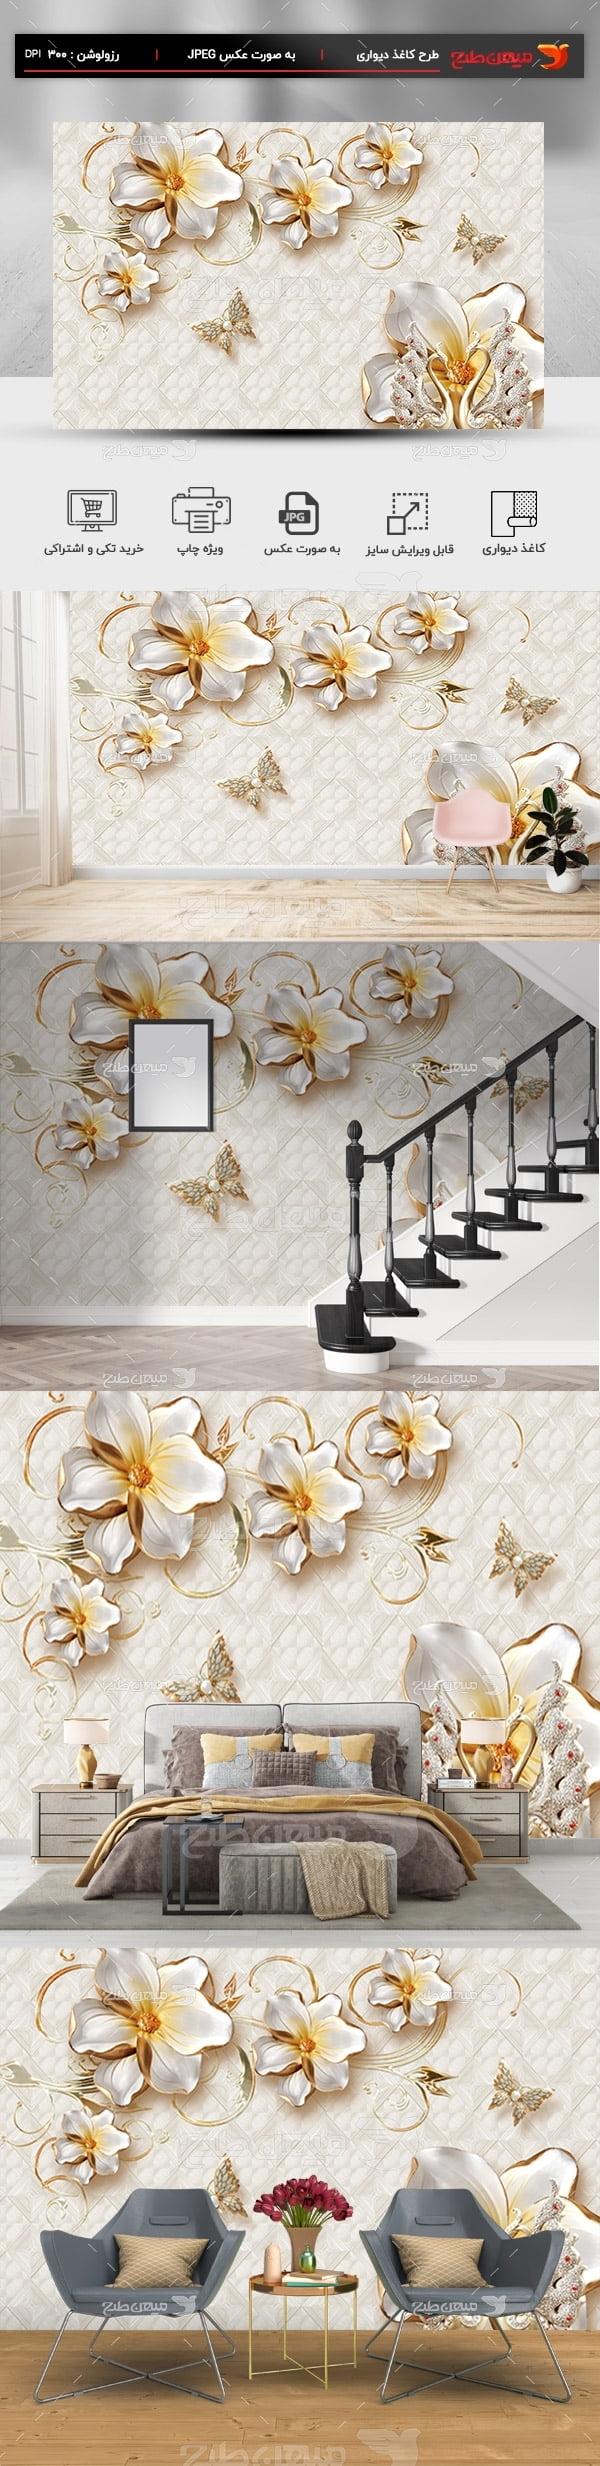 پوستر کاغذ دیواری سه بعدی طرح گل و پروانه